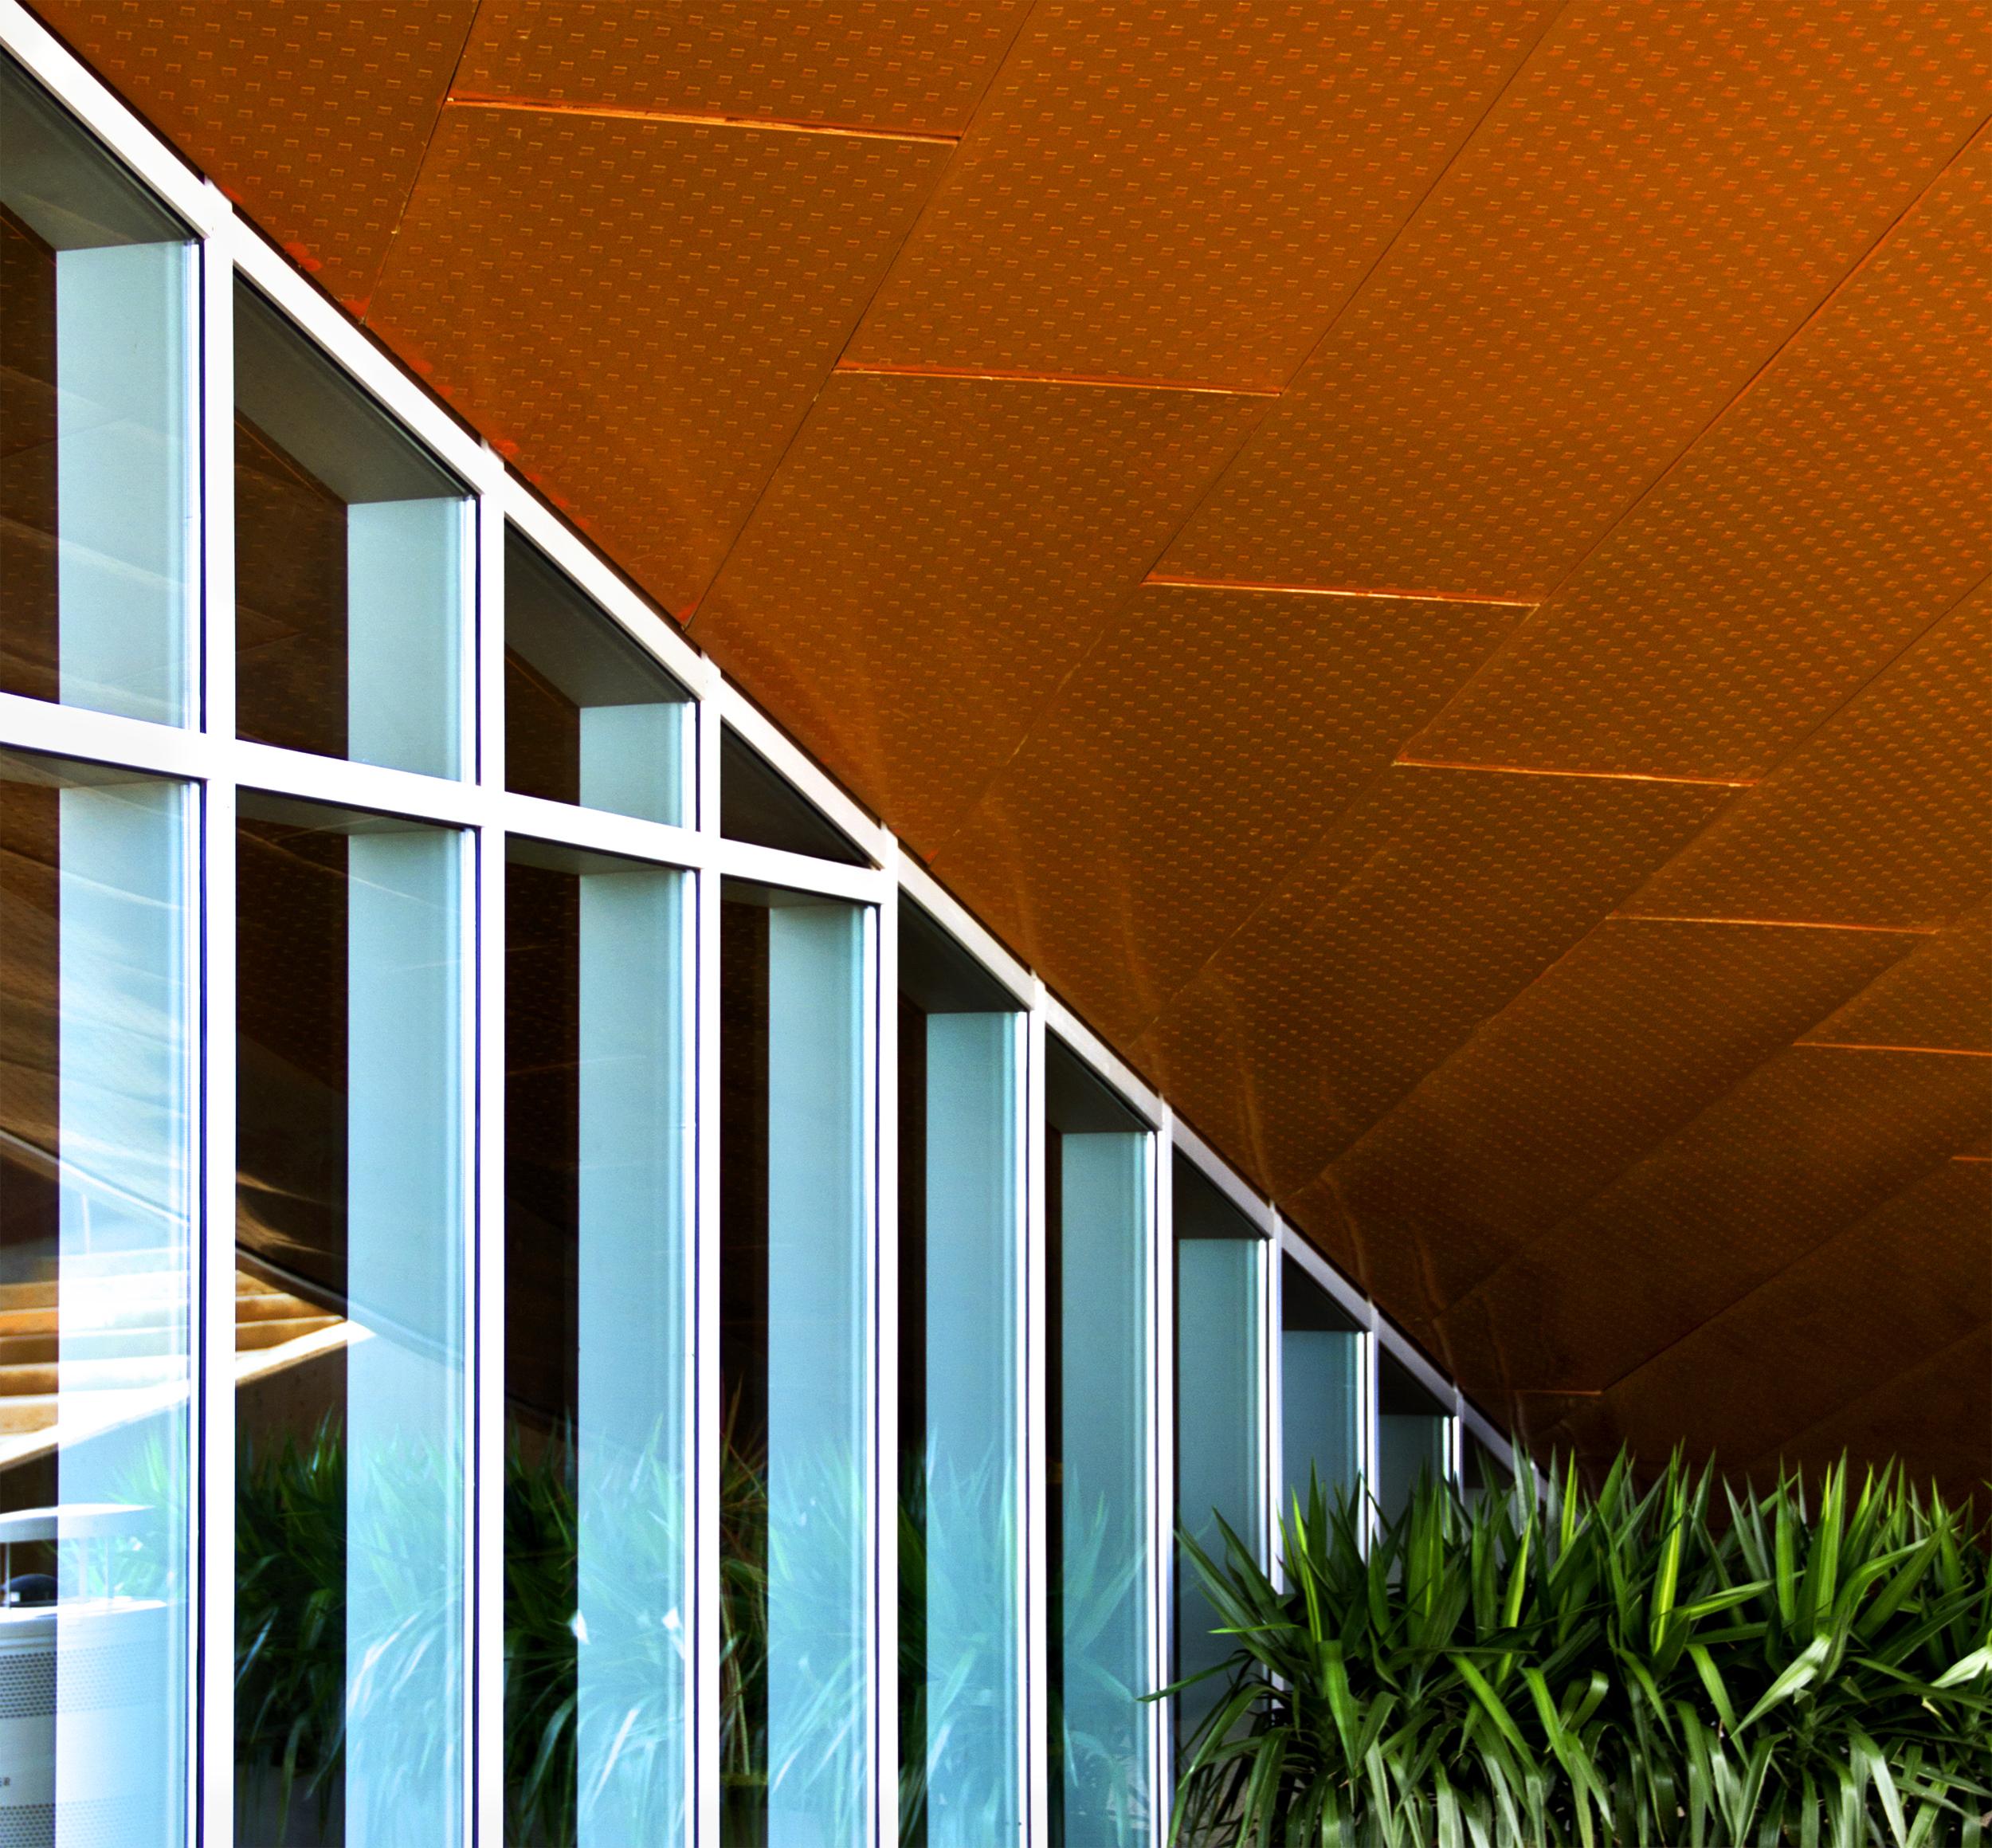 Wolens_AllYears_Architecture_C_3.jpg